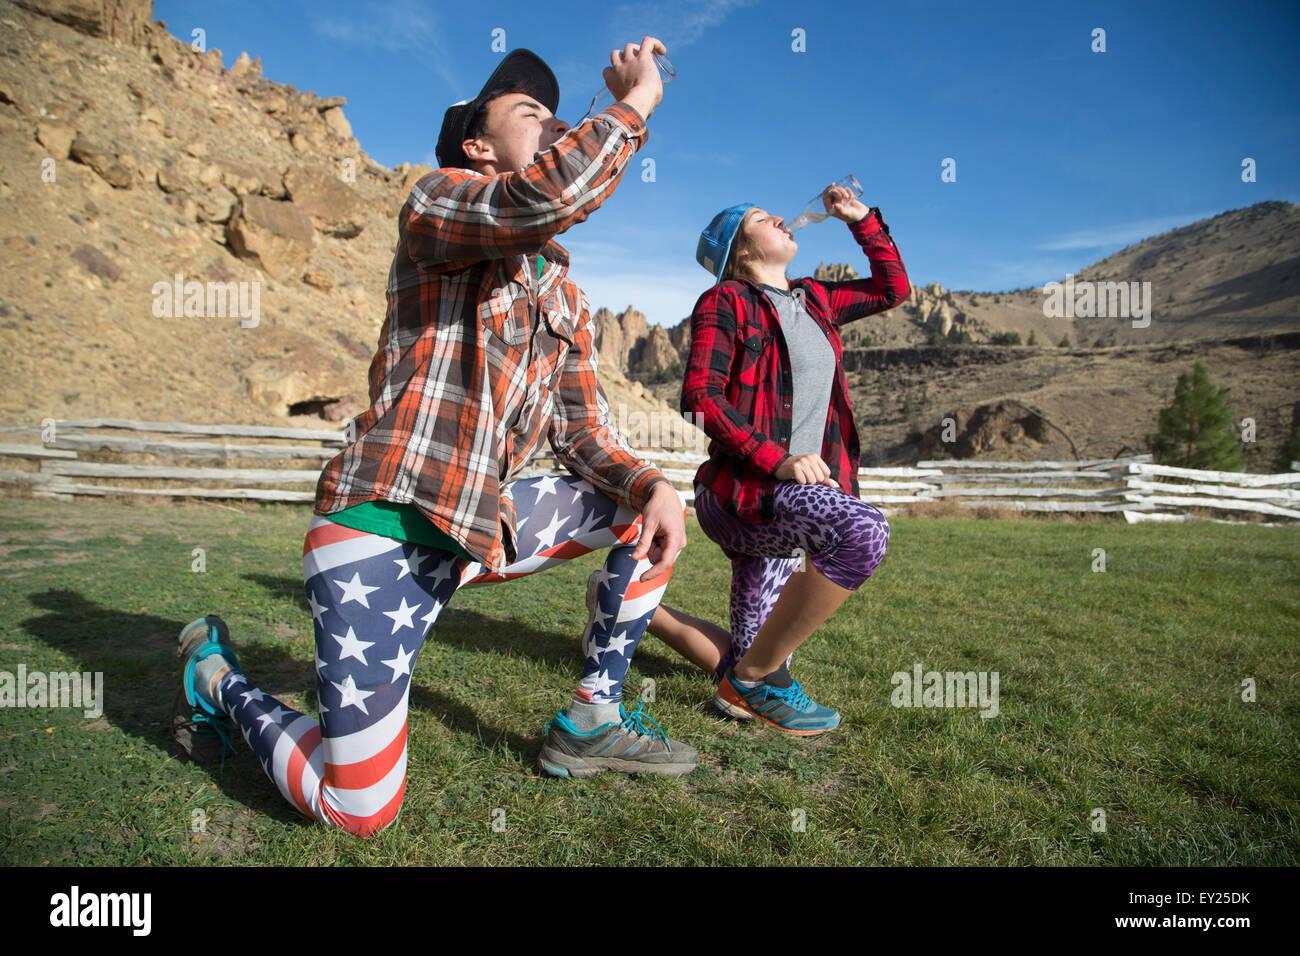 Amigos arrodillado y beber, Smith Rock State Park, Oregón, EE.UU. Imagen De Stock